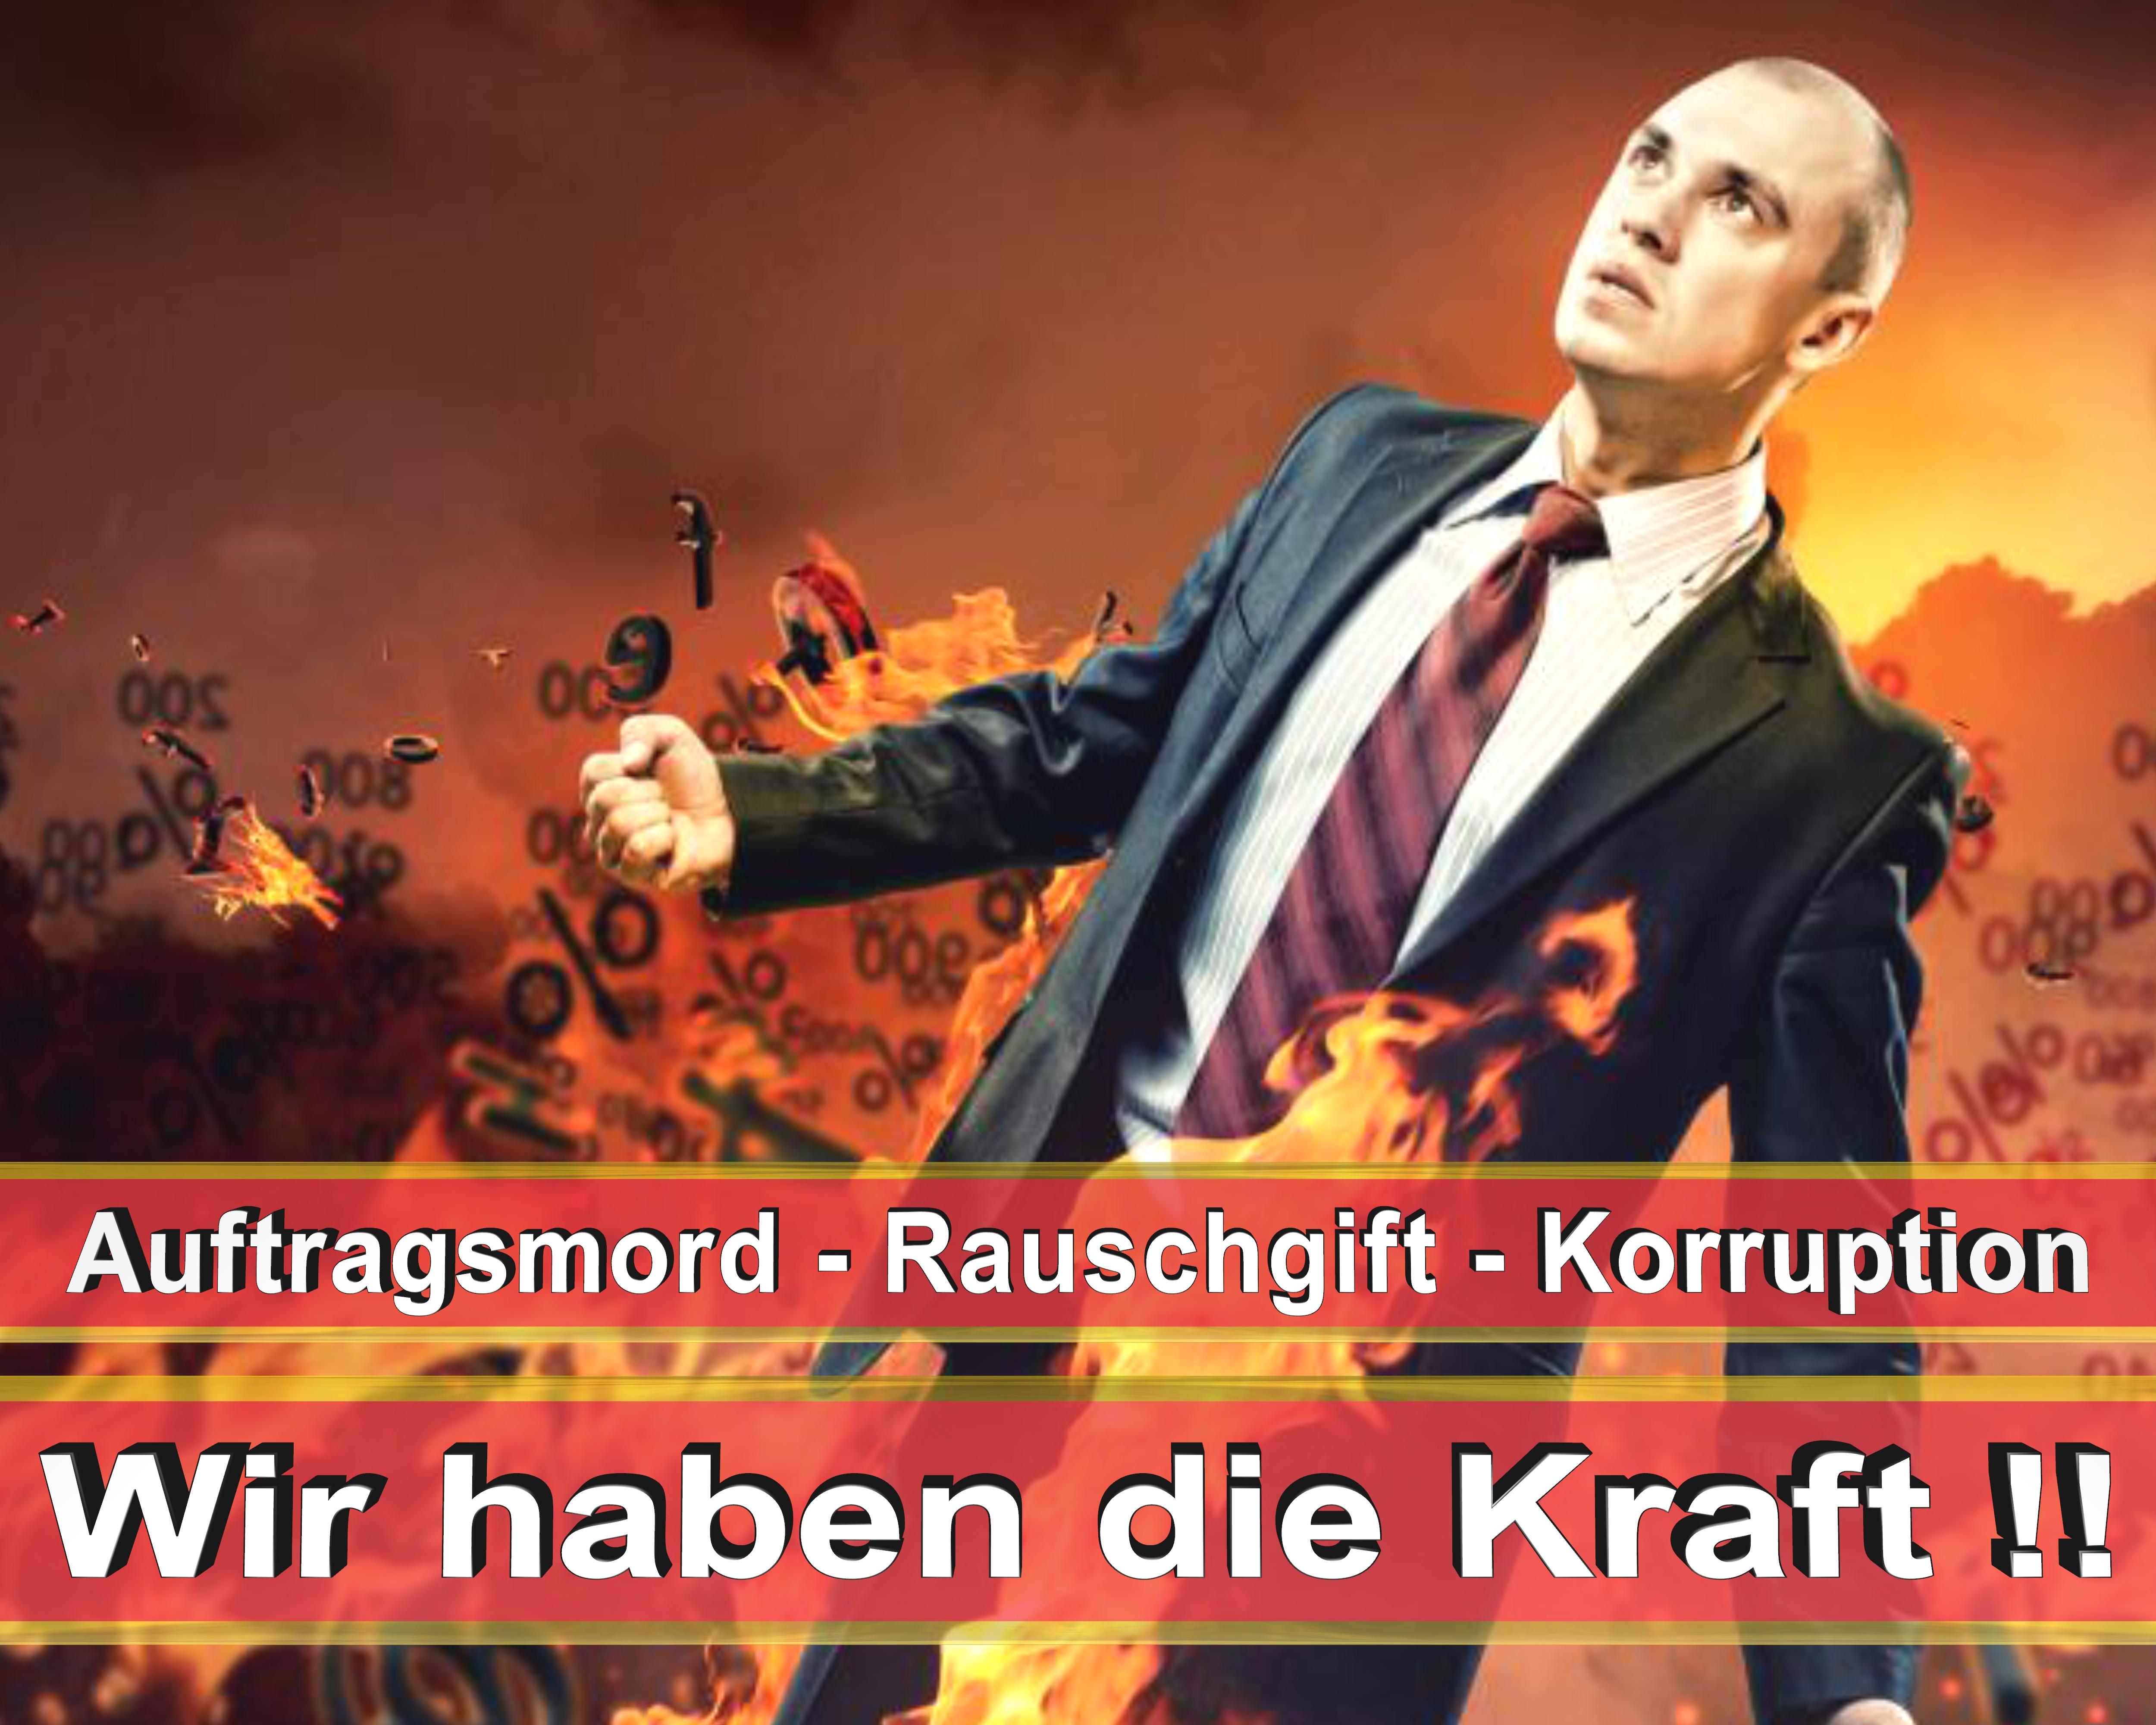 Bundestagswahl 2017 Wahlplakate CDU SPD FDP AFD NPD Angela Merkel Frauke Petry (1)